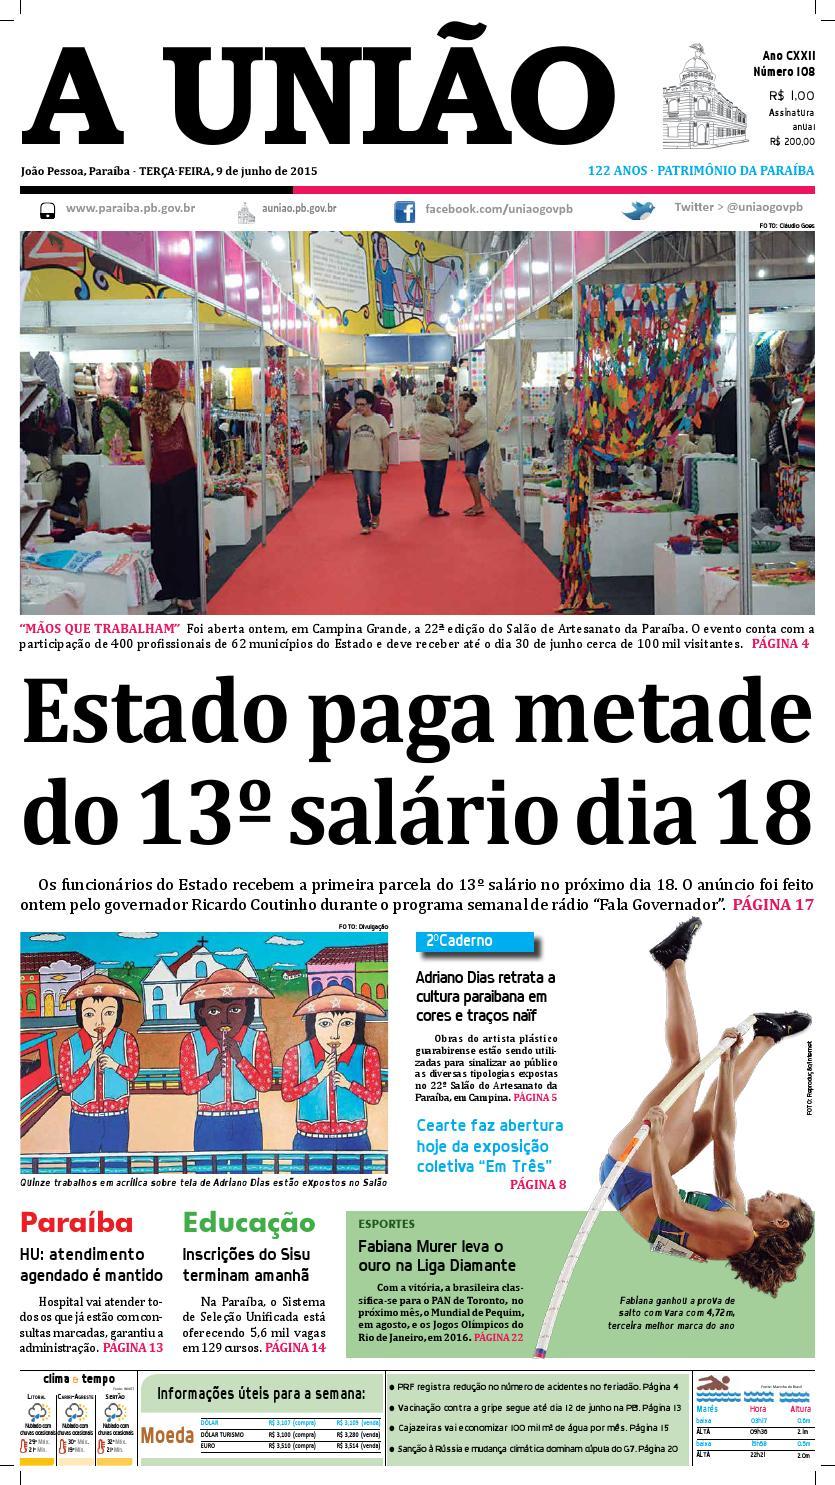 Jornal A União - 09 06 2015 by Jornal A União - issuu 4597ea289df18